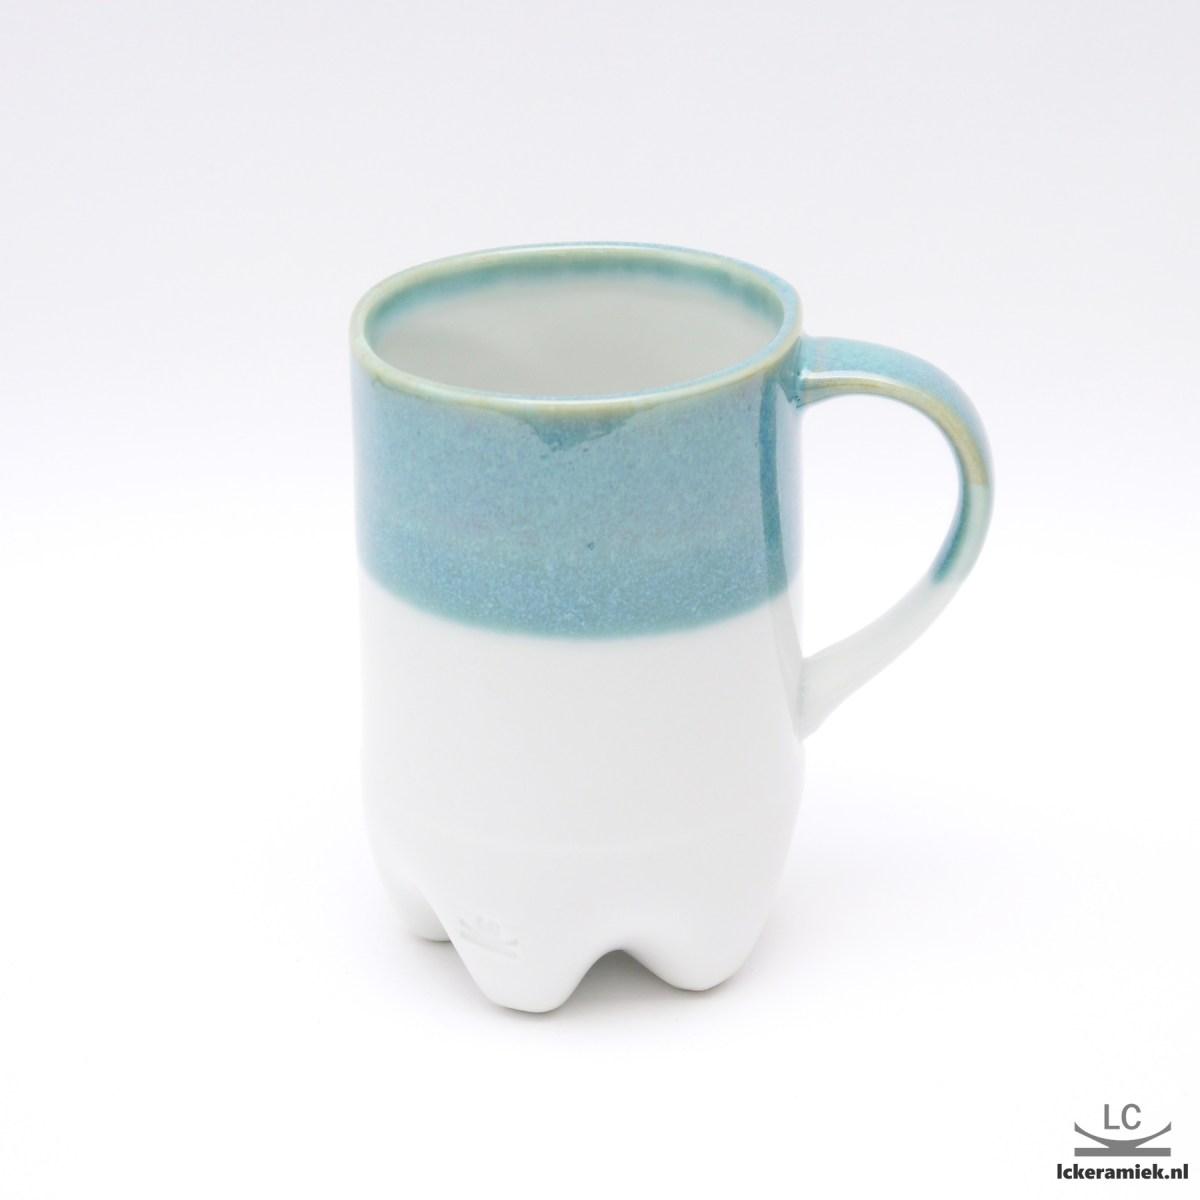 Porseleinen petfles mok turquoise wit